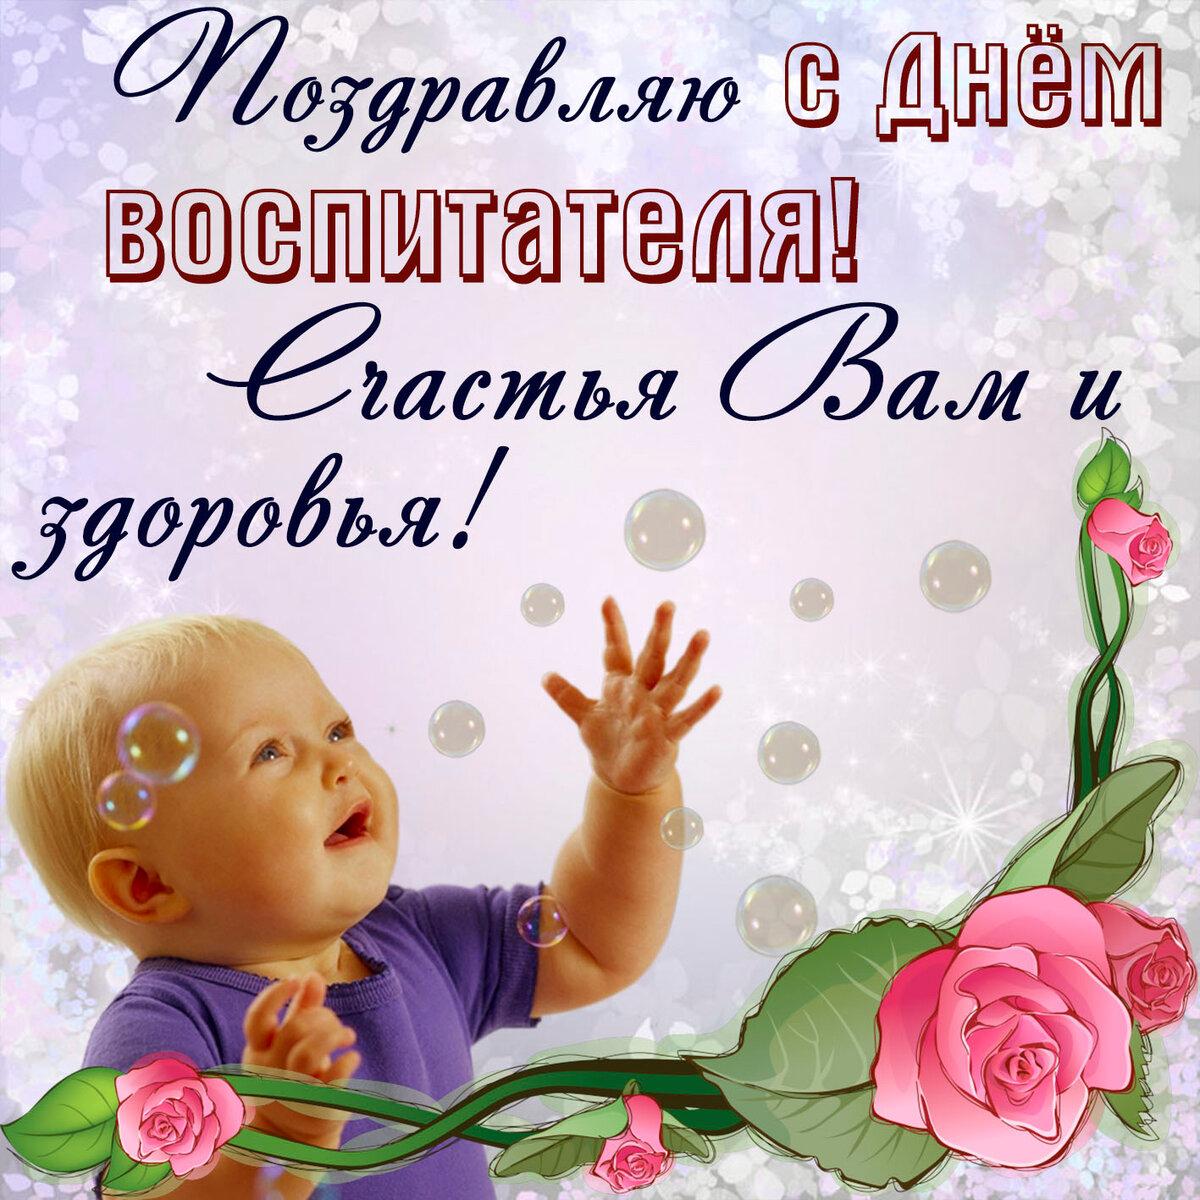 Красивые картинки день дошкольного работника